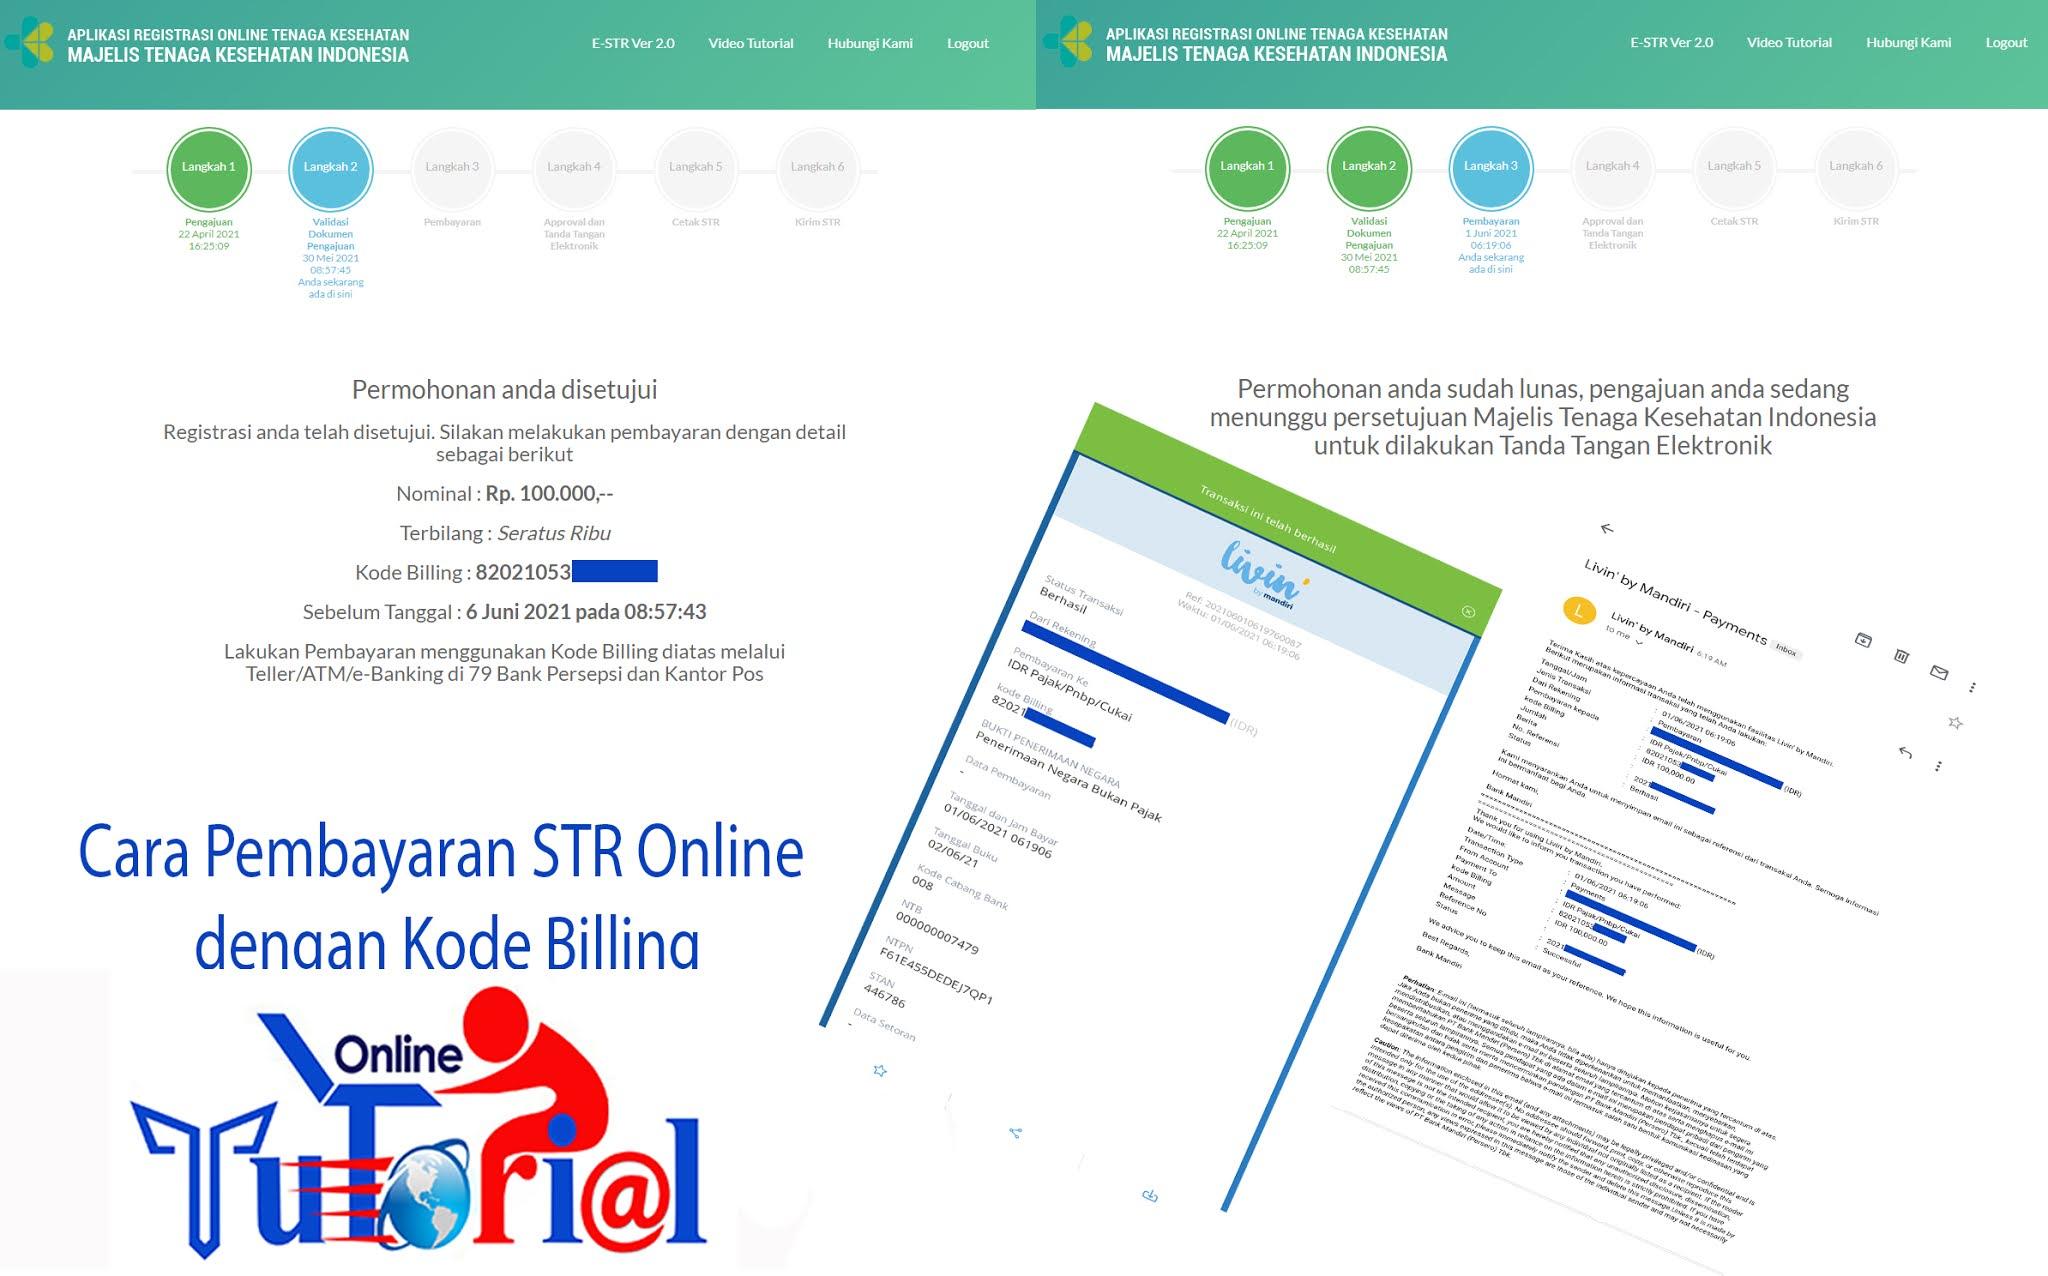 Cara Pembayaran STR Online dengan Kode Billing